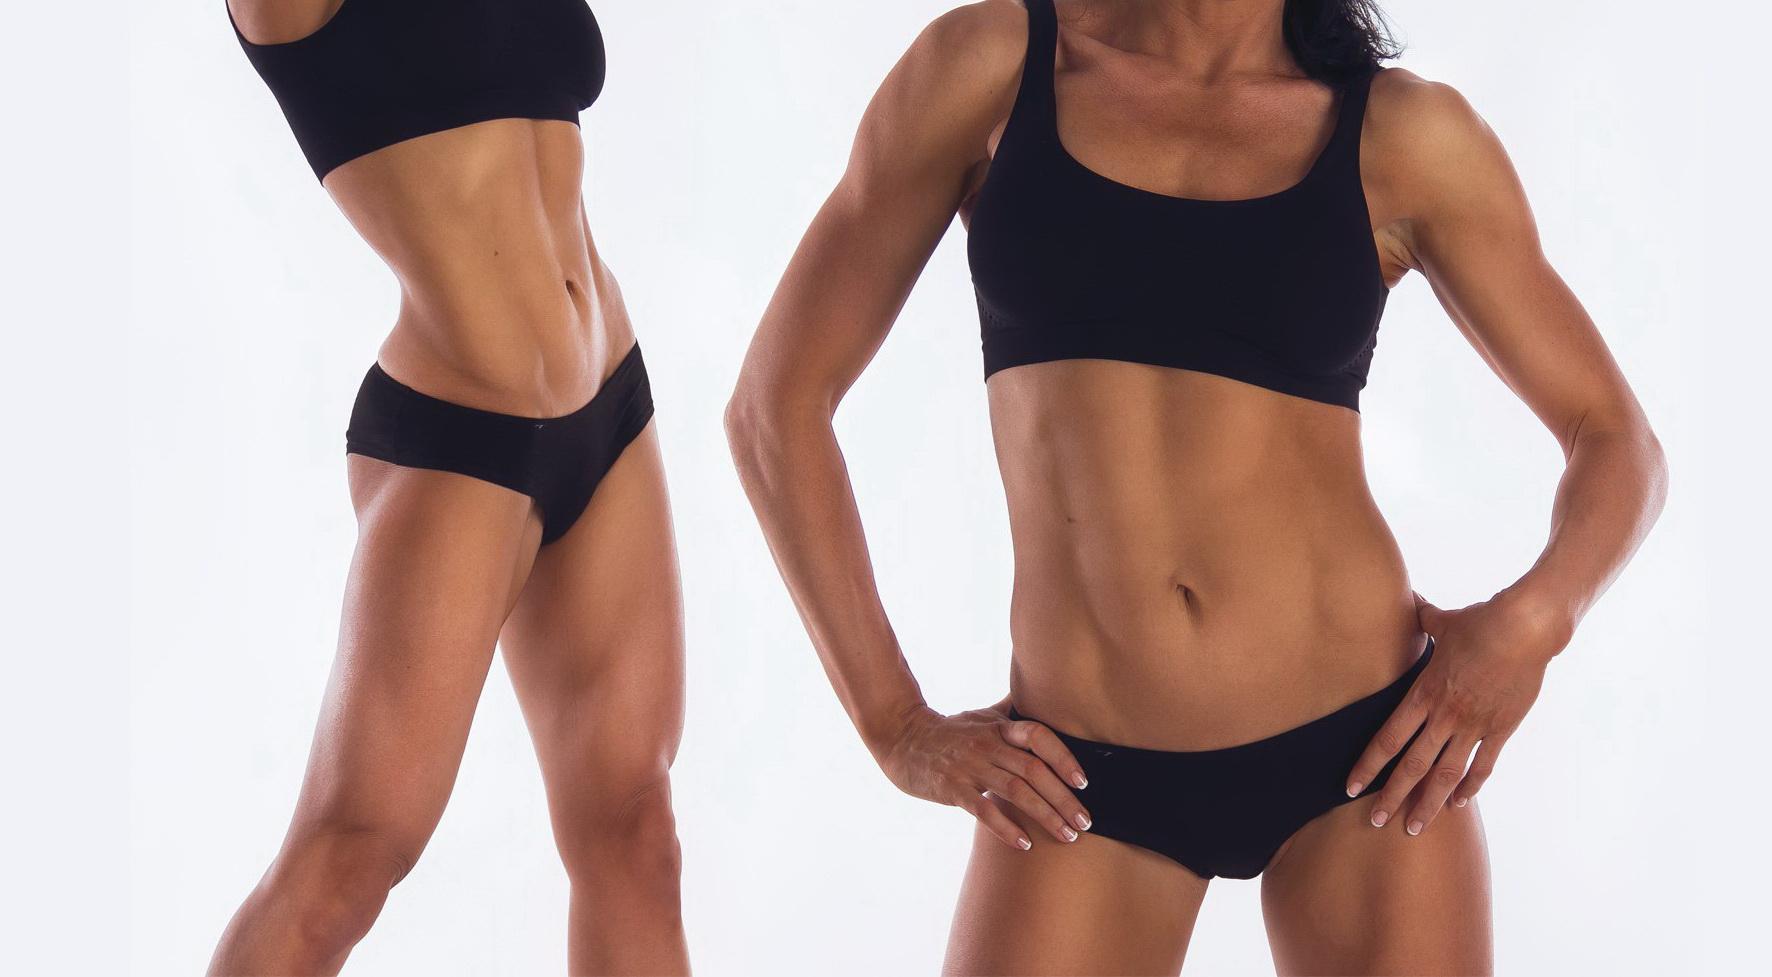 как похудеть за 4 нкдели